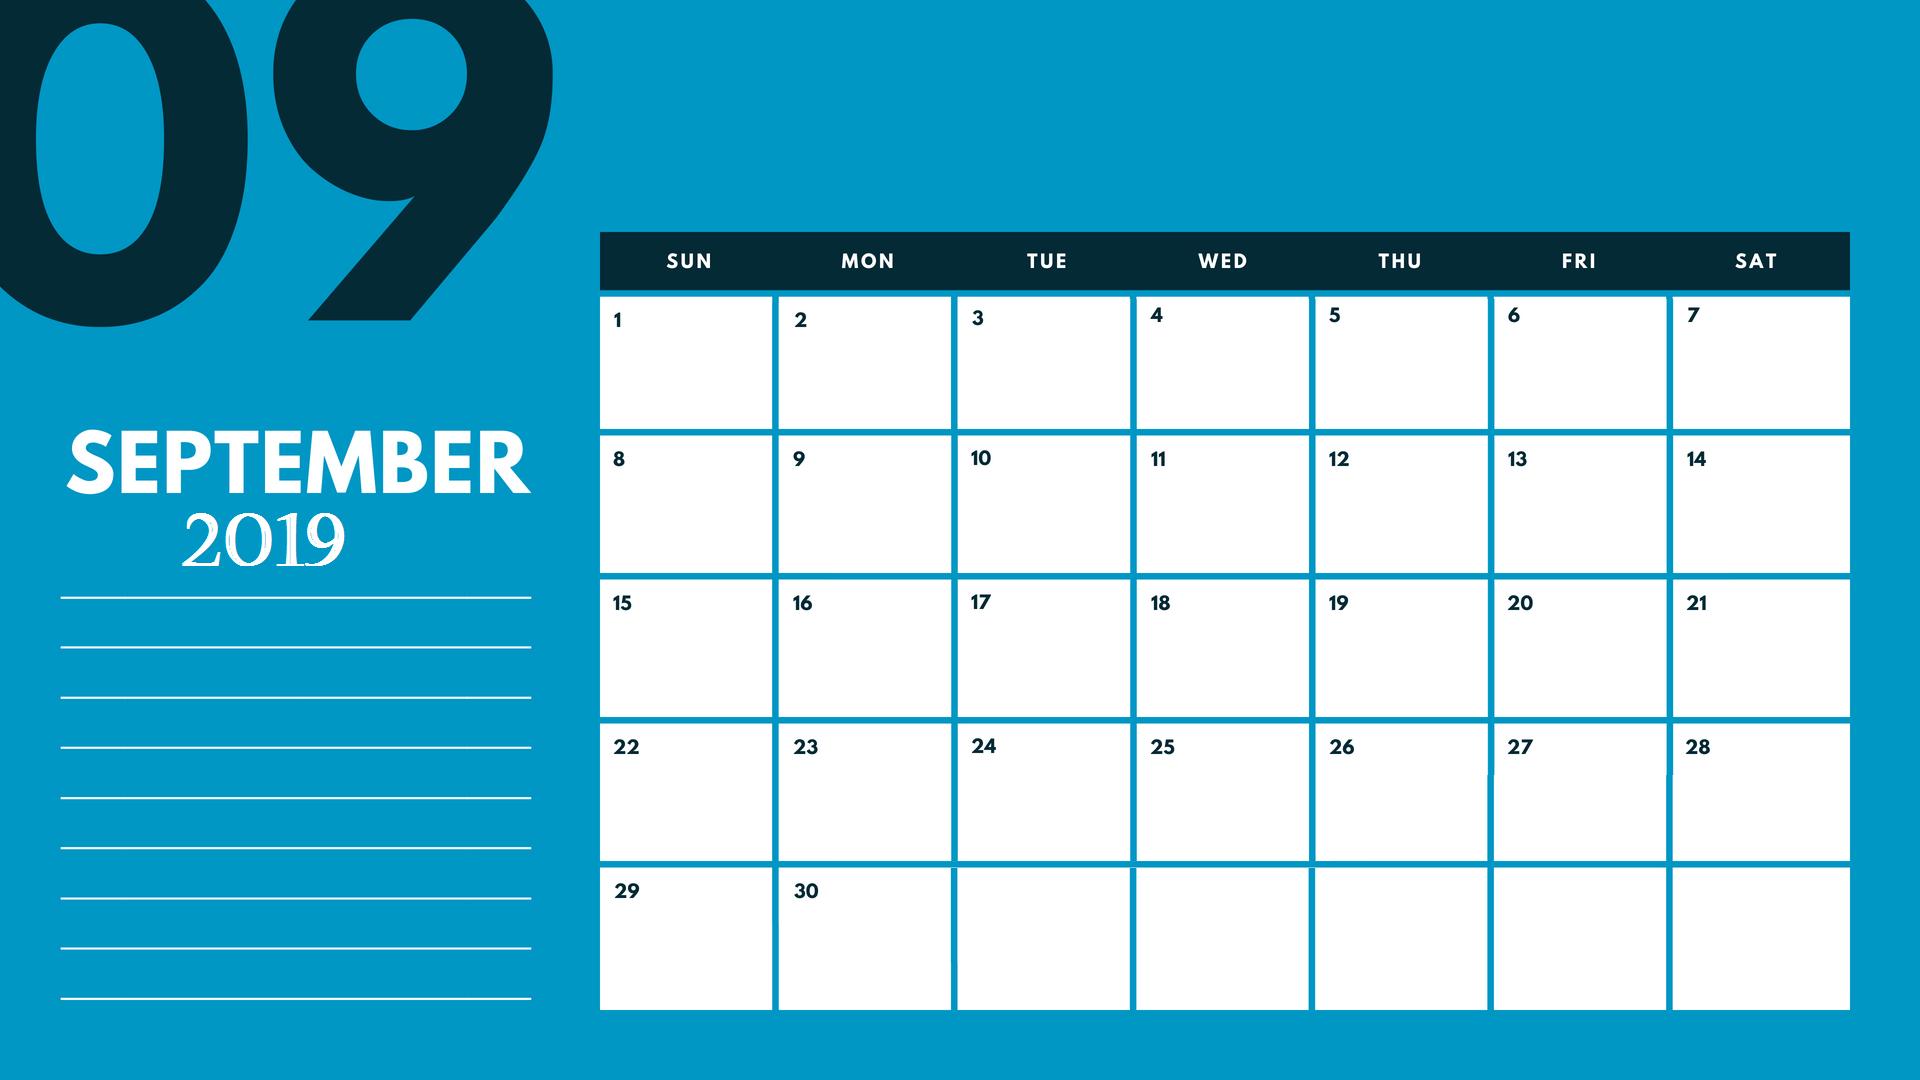 2019 September Calendar Template